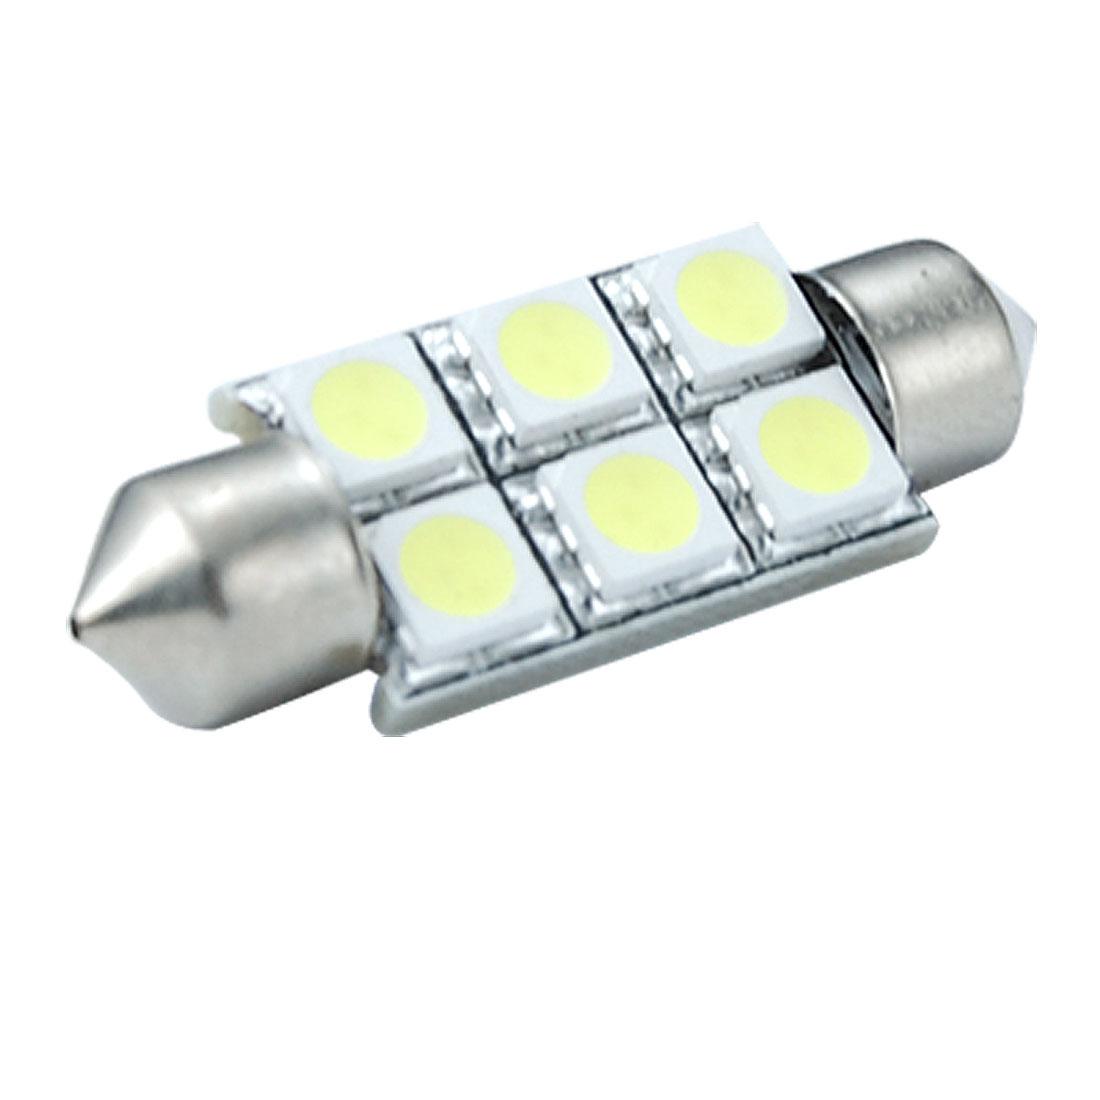 Car 37mm 6 5050 SMD Festoon Dome LED Bulb White Light